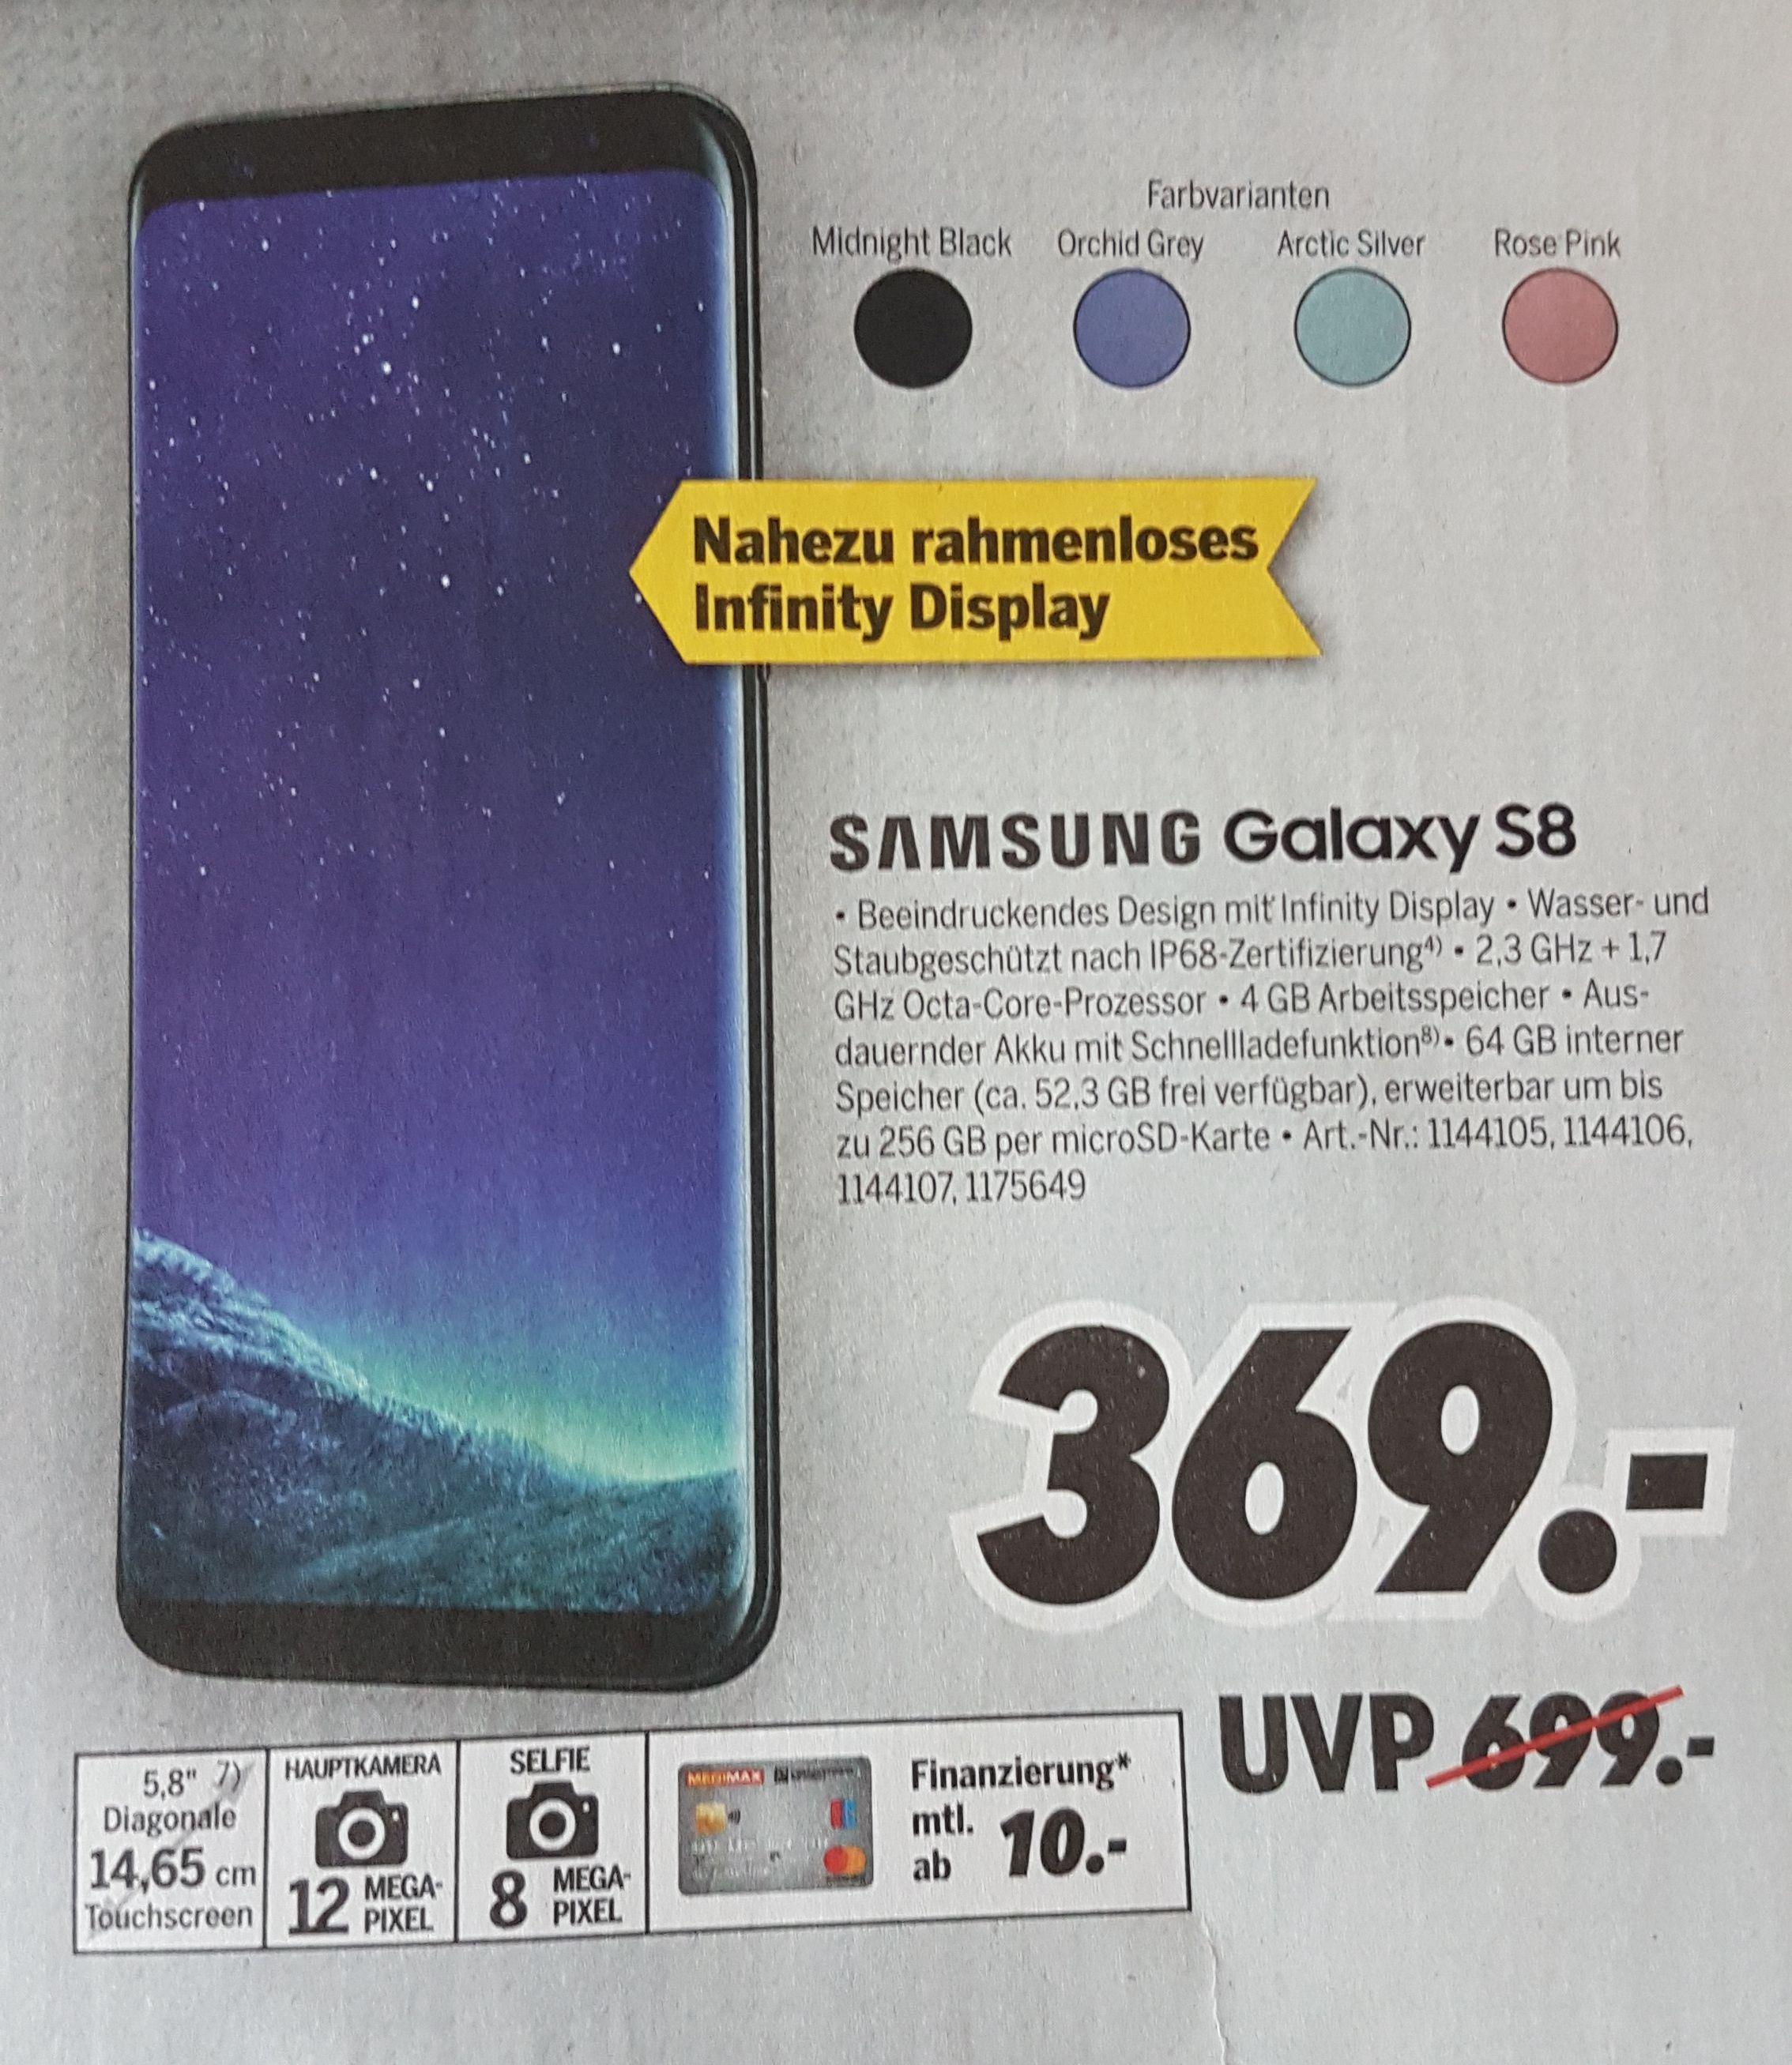 MediMax Samsung Galaxy S8 64GB, alle Farben, Smartphone, bundesweit, Marktabholung